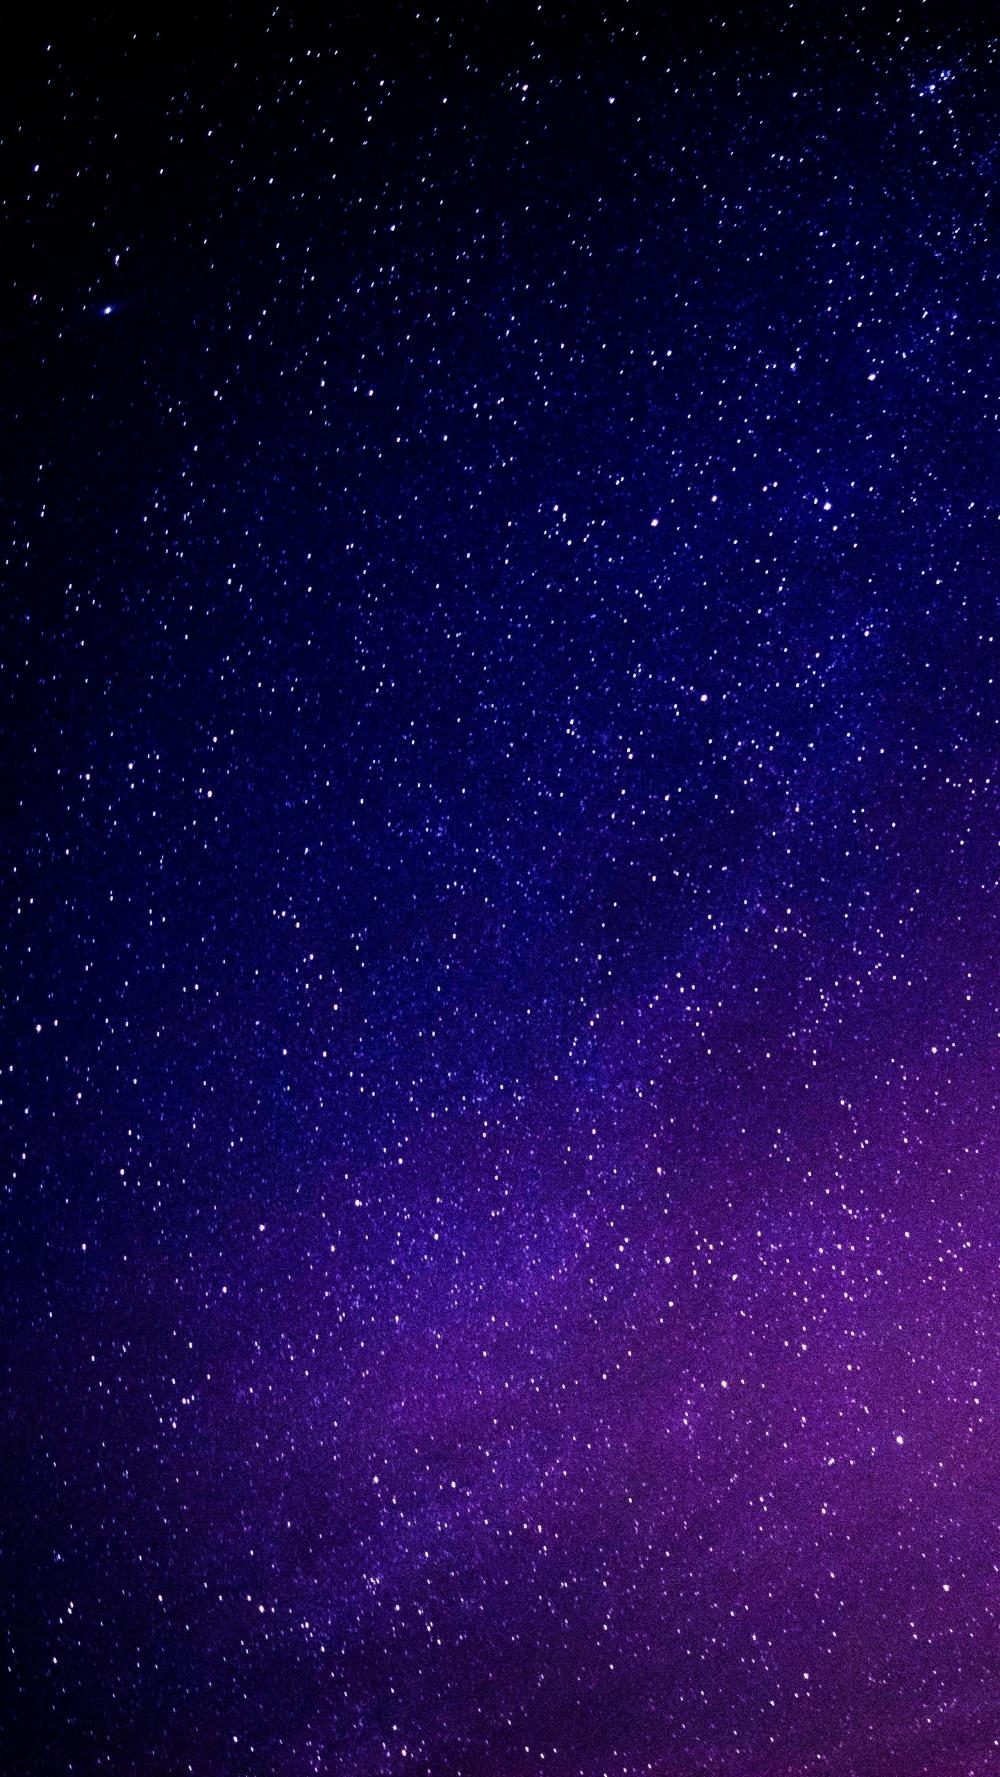 Download Wallpaper 1440x2560 Starry Sky Galaxy Glitter Night Qhd Samsung Galaxy S6 S7 Edg In 2020 Galaxy Wallpaper Iphone Galaxy Wallpaper Purple Galaxy Wallpaper